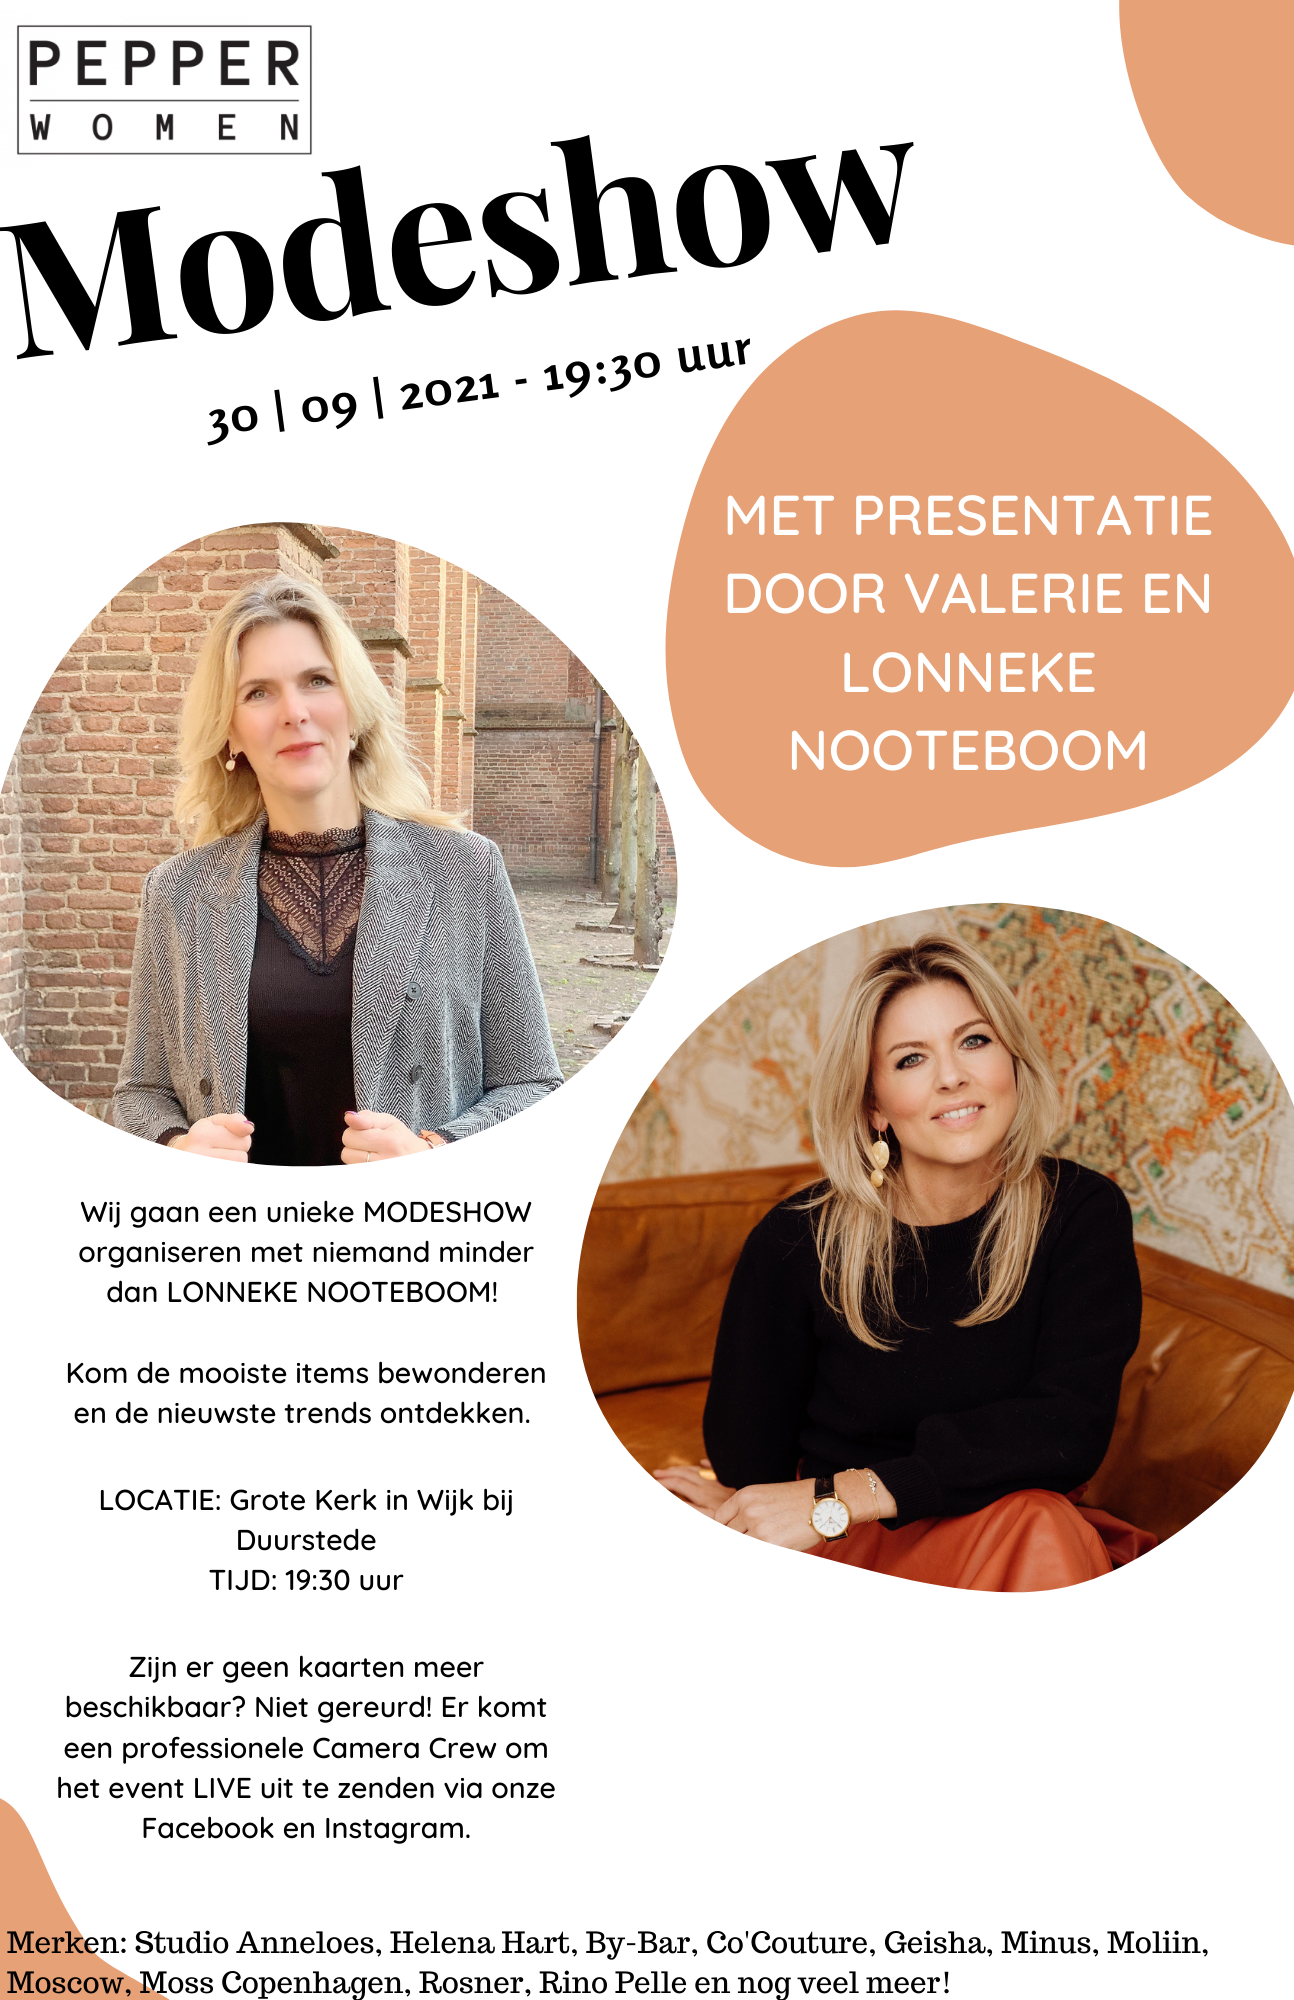 Modeshow met Lonneke Nooteboom